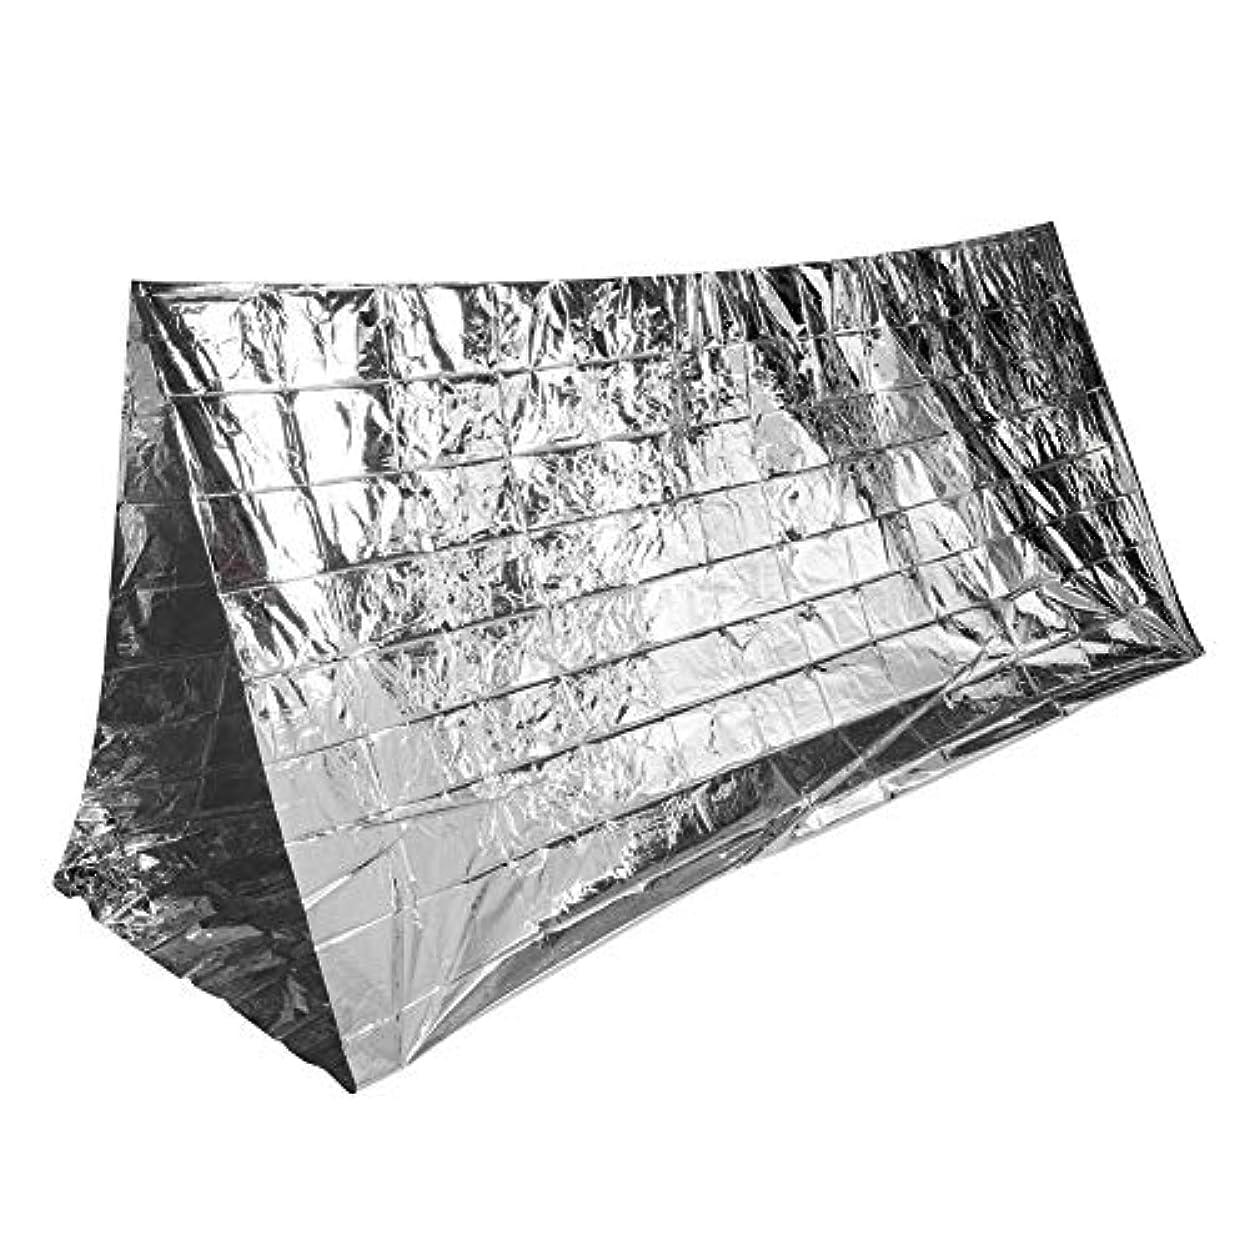 インタフェース雇う過度にエマージェンシーテント 軽量 防水防風 簡易テント サバイバルレスキュー アウトドアテント キャンプ 防災 緊急用 防寒保温